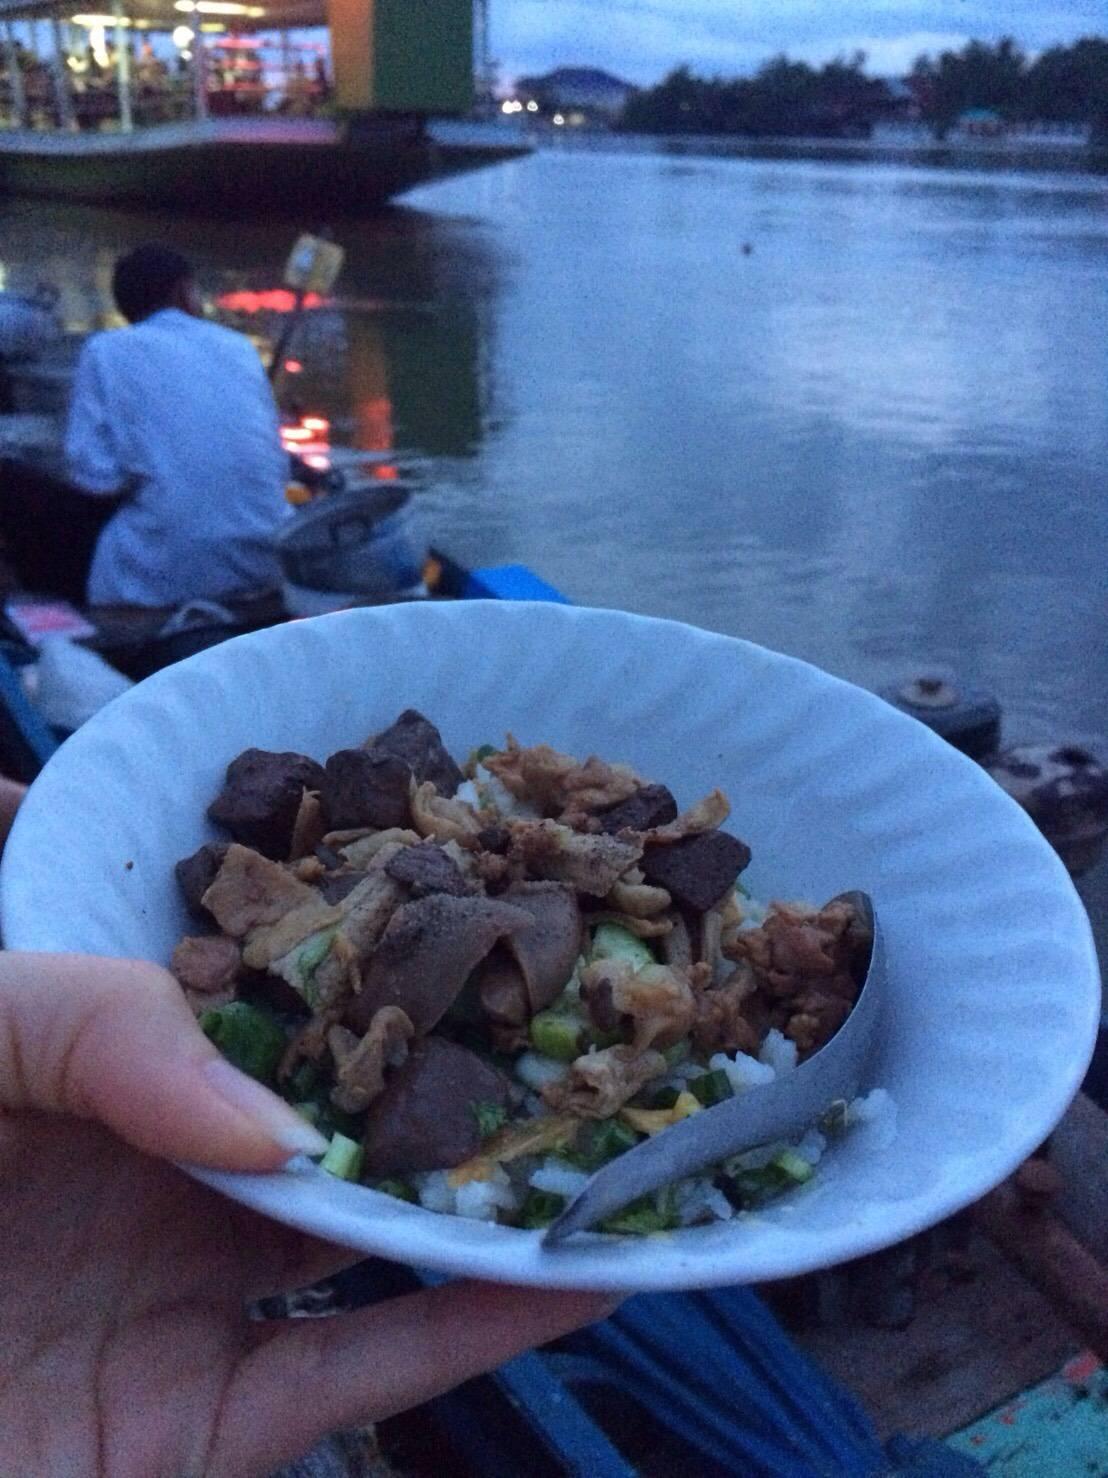 ร้านข้าวแห้งขายในเรือ นั่งกินกันบนโป๊ะ บรรยากาศริมน้ำ